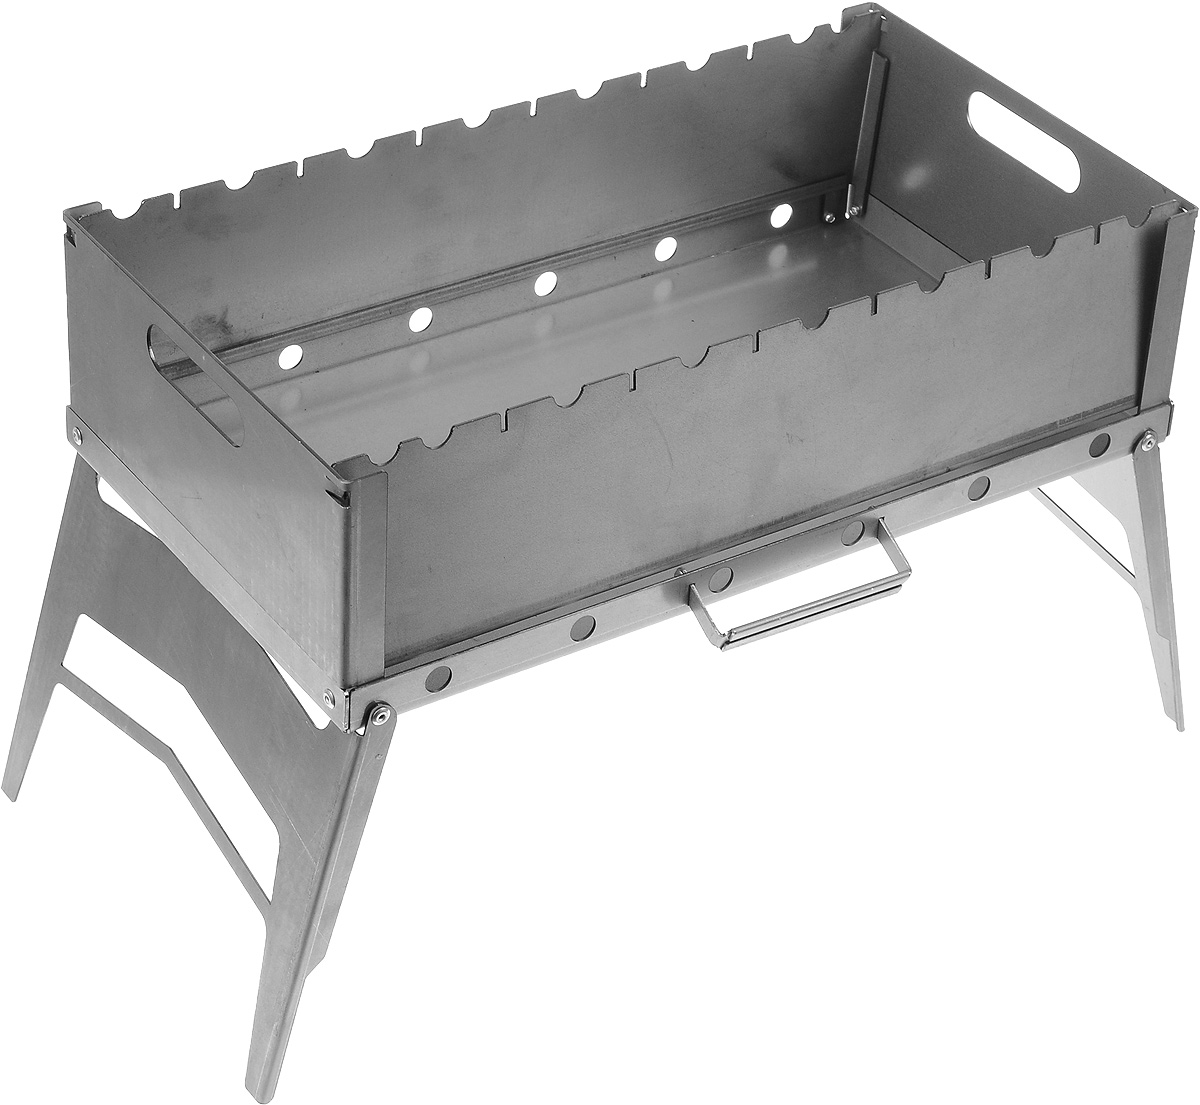 Мангал-трансформер Grillux Optimus Plus, складной, 63 х 28,5 34 см